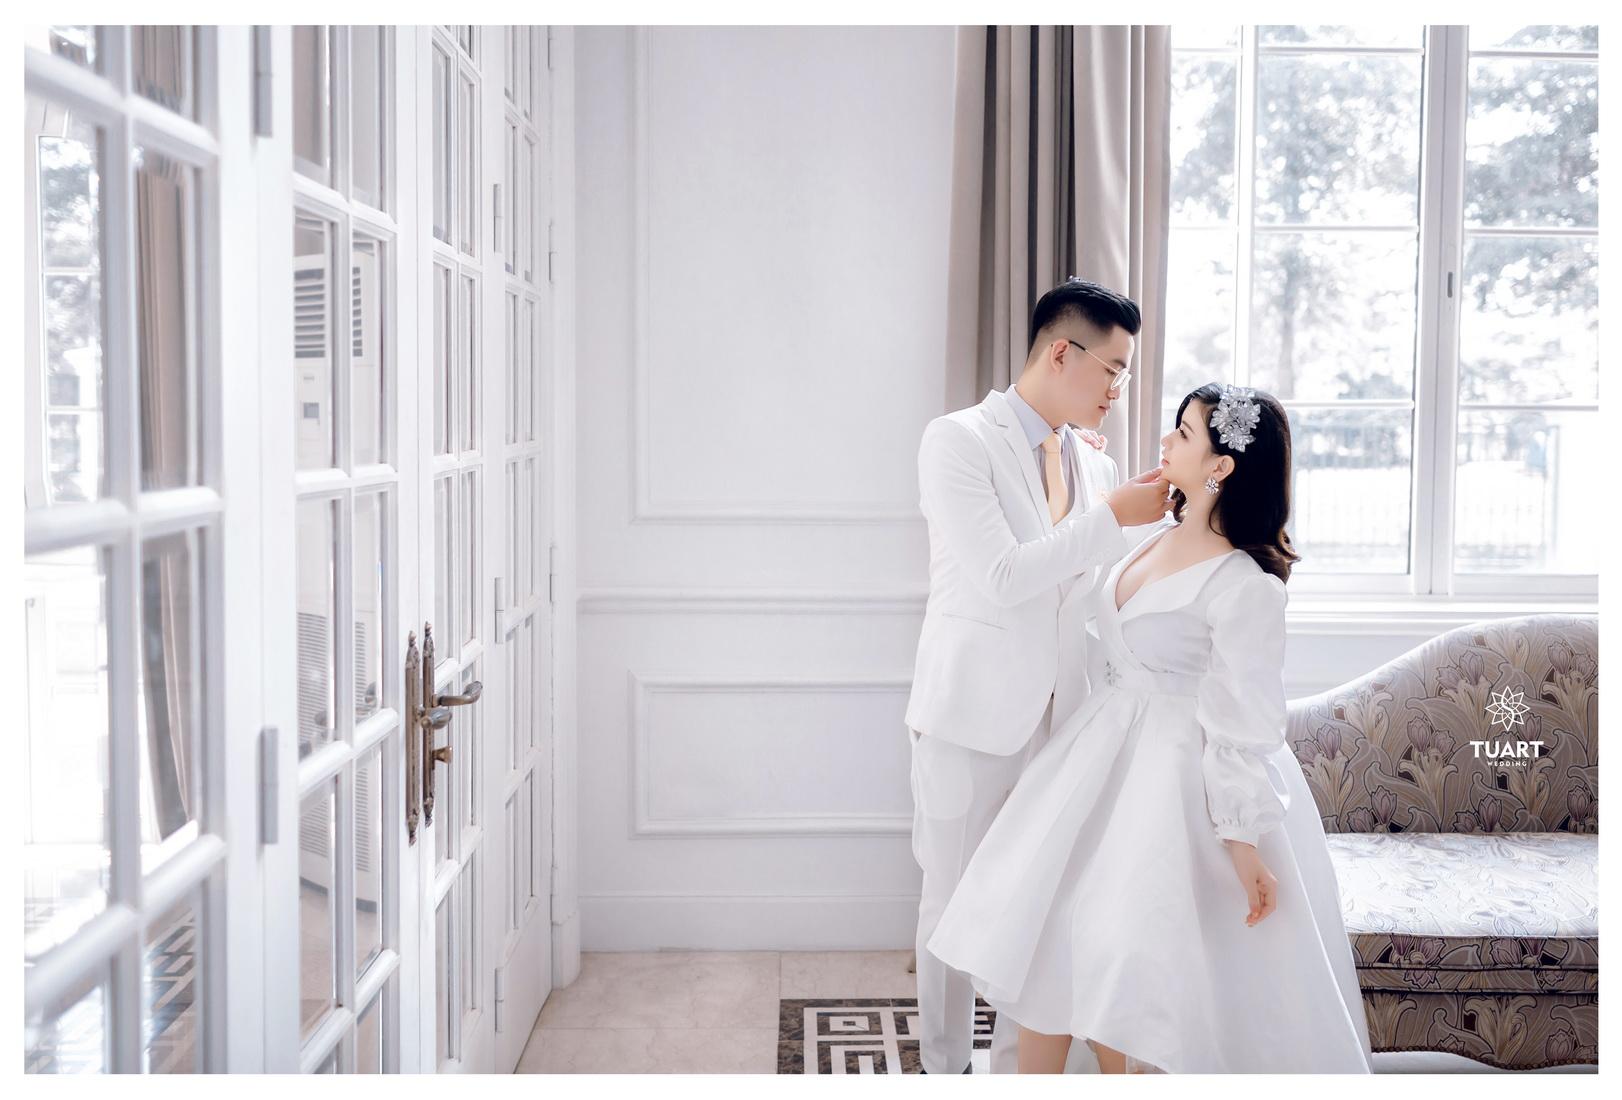 Album tại Biệt Thự Hoa Hồng : Tùng & Hường – Album chụp ảnh cưới